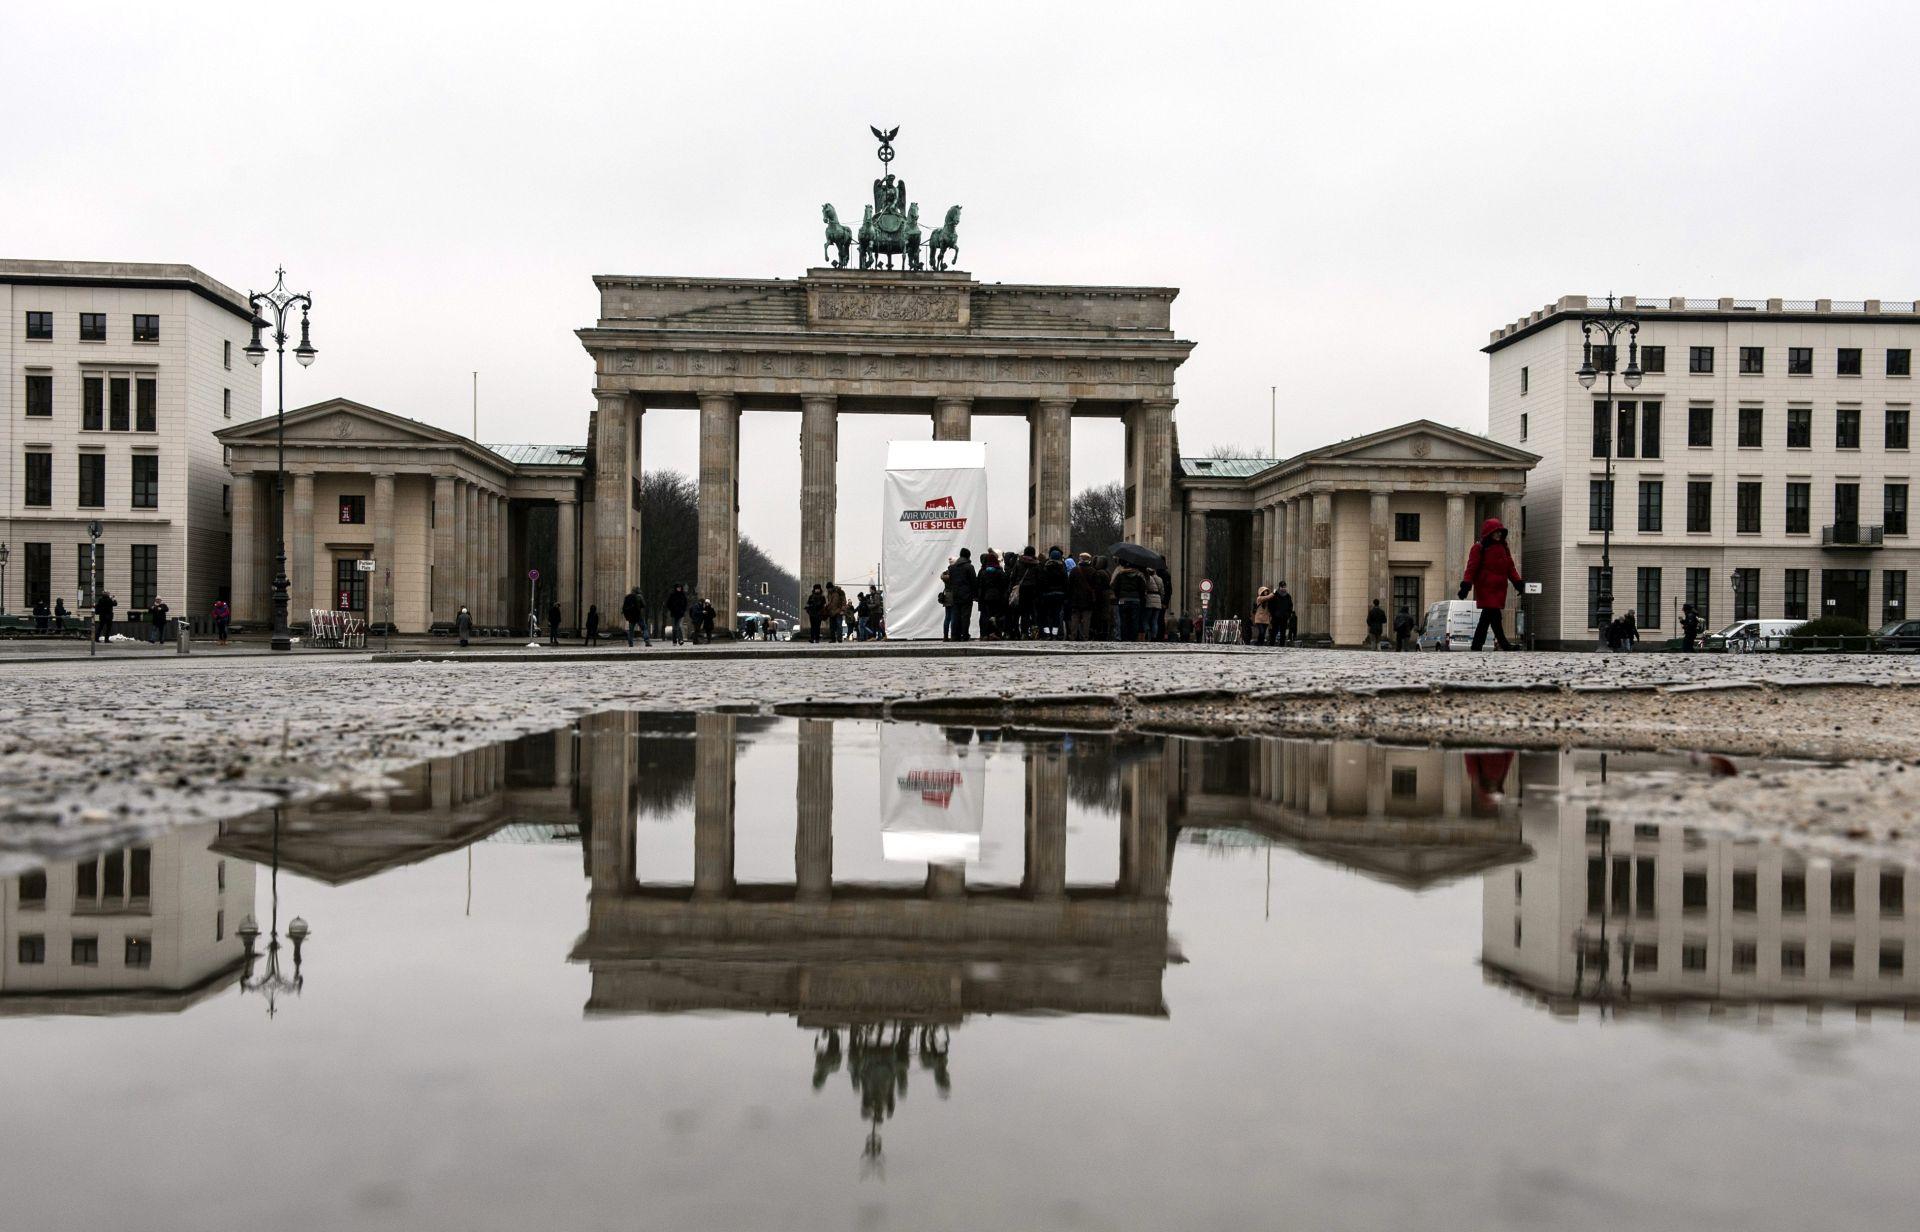 HUMANITARNE ORGANIZACIJE: Porast siromaštva u Njemačkoj